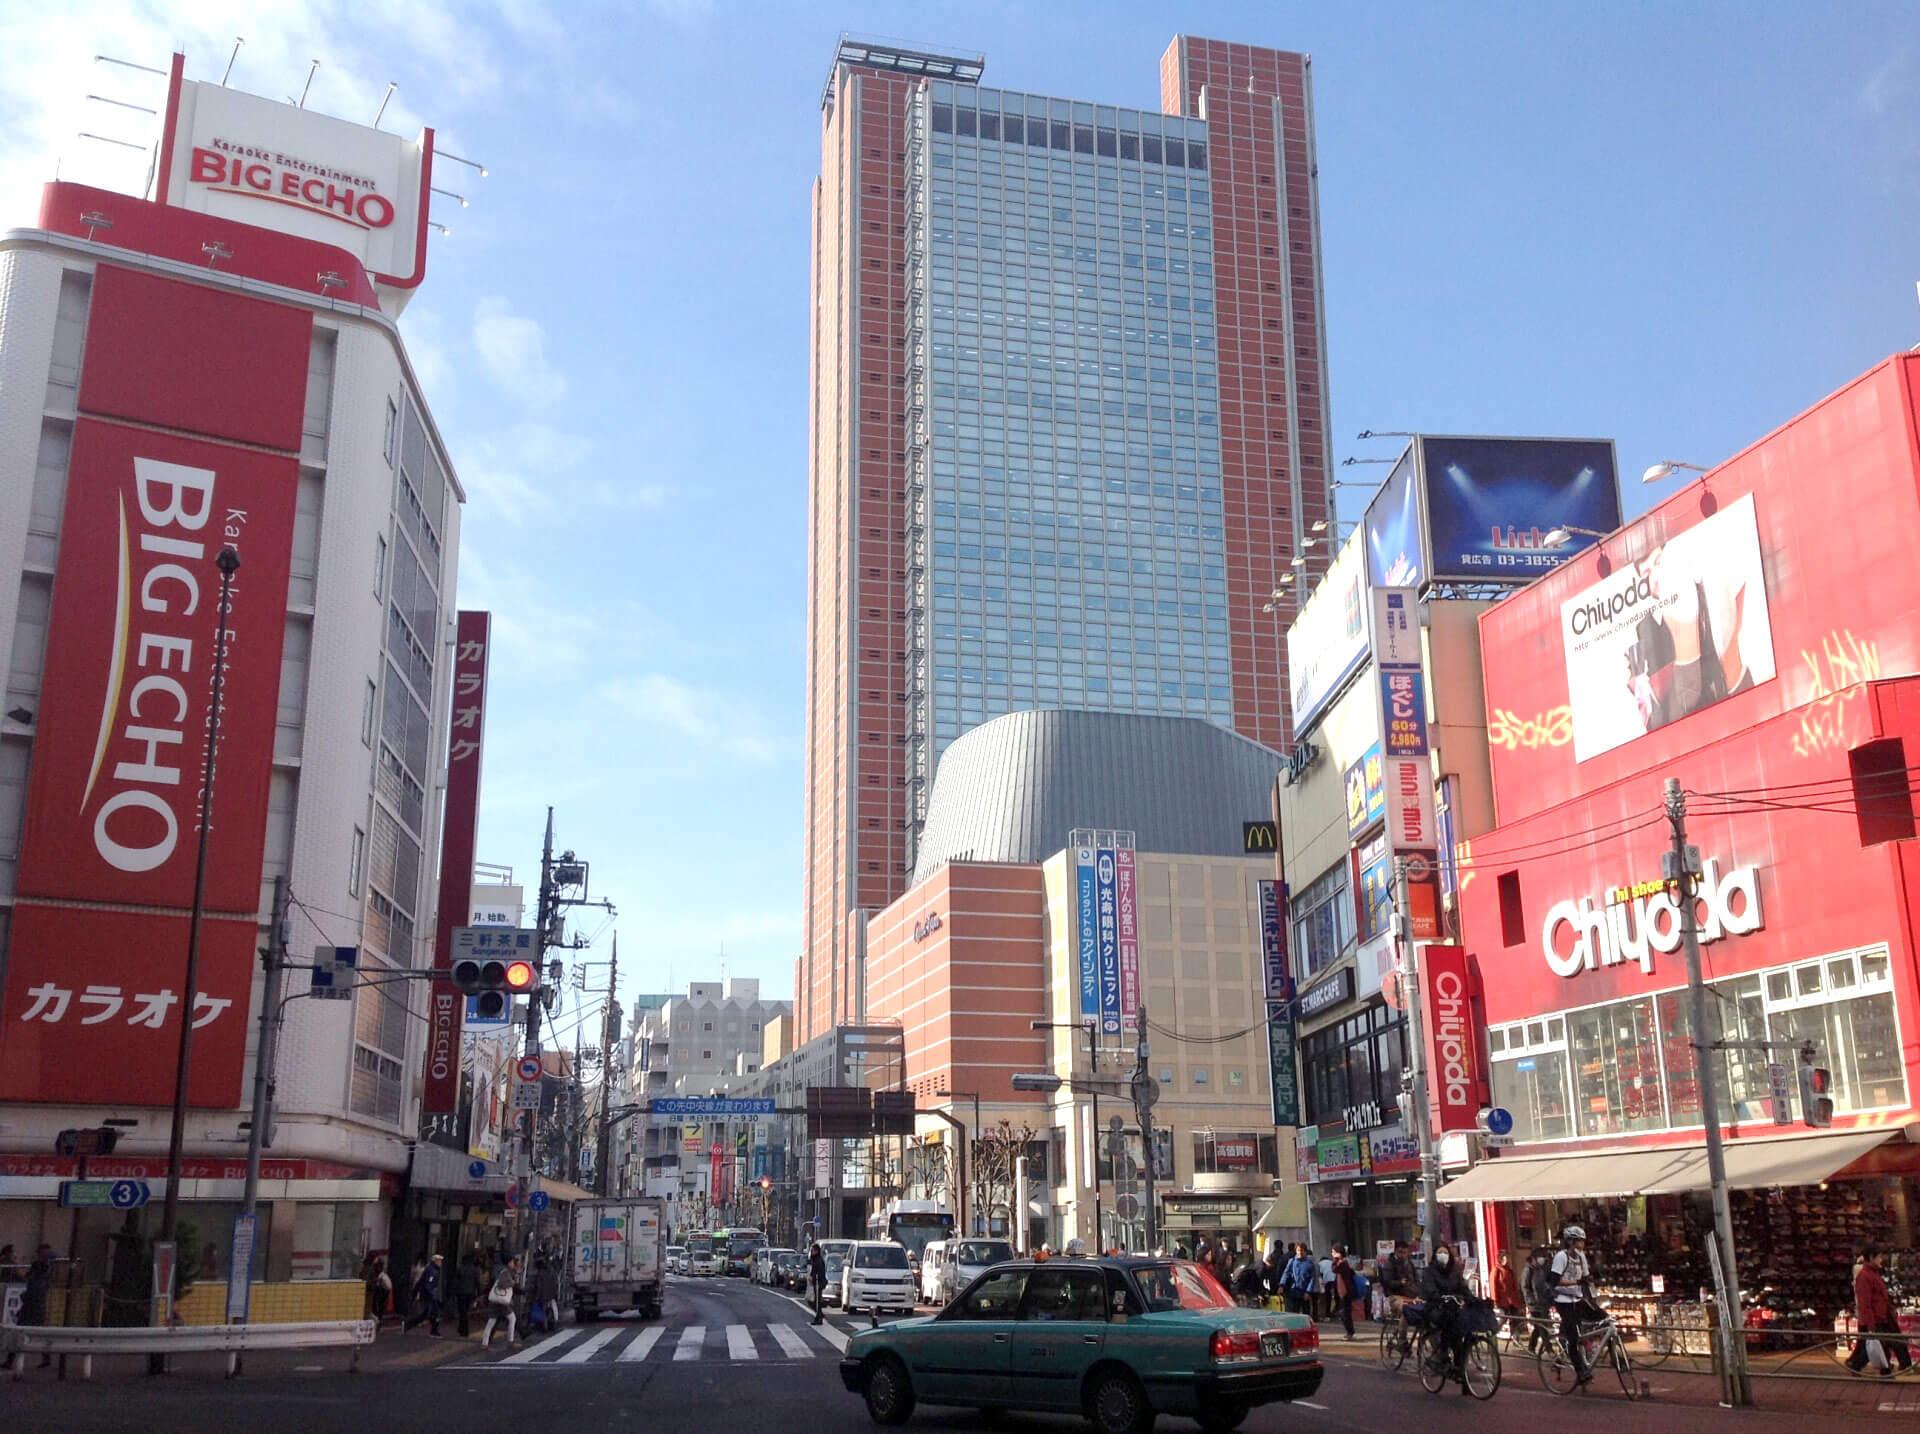 三軒茶屋(世田谷区)で居抜きで飲食店を開業するための街情報